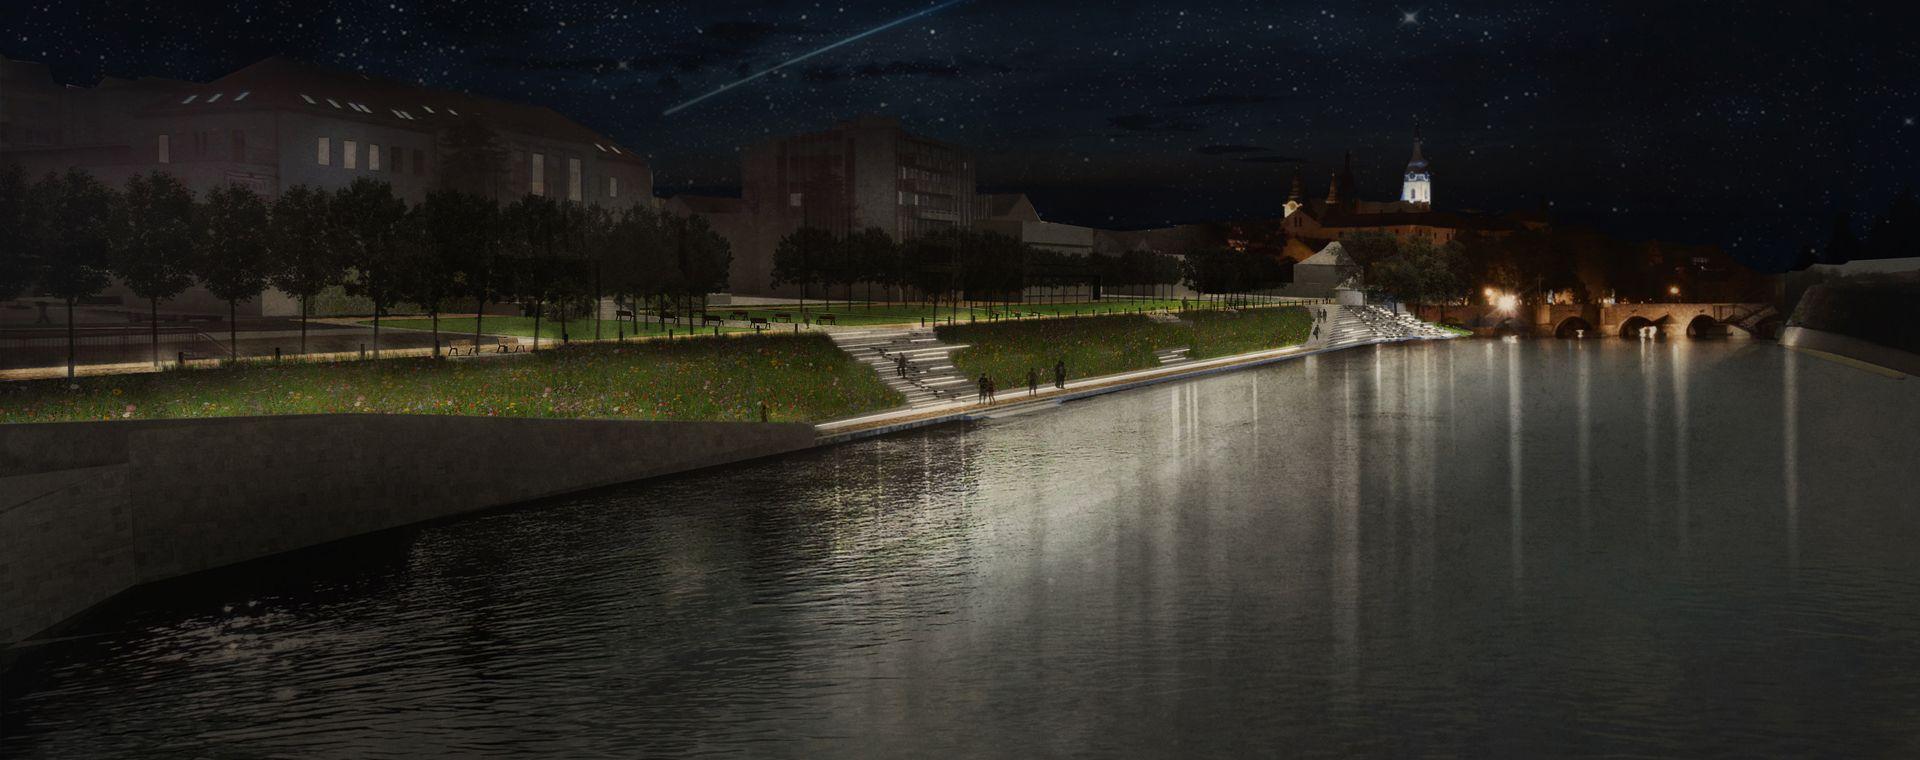 Architektonická soutěž do Písku, Jižní Čechy, 10/2013, CZ - 3.místo, připravujeme realizaci na 2016-2018!